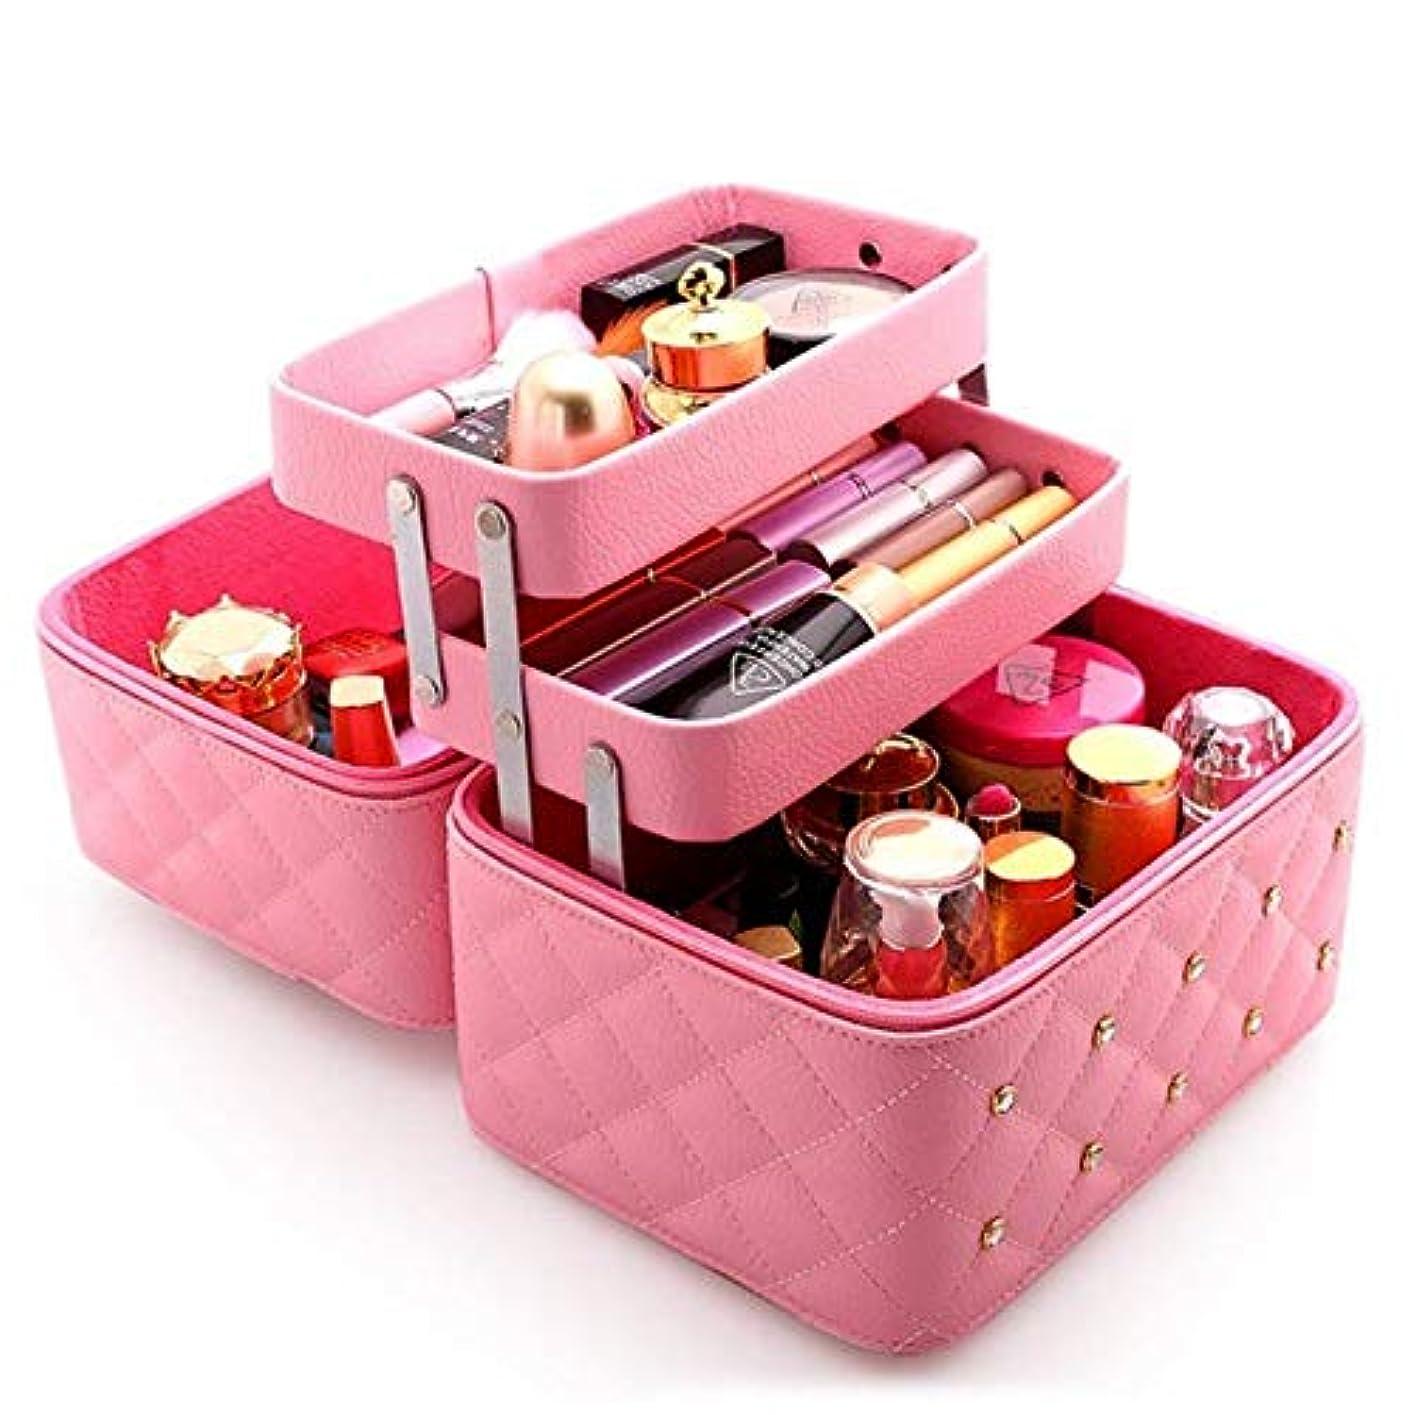 私たち皮肉食べる持ち運びできる メイクボックス 大容量 取っ手付き コスメボックス 化粧品収納ボックス 収納ケース 小物入れ (ライトピンク)